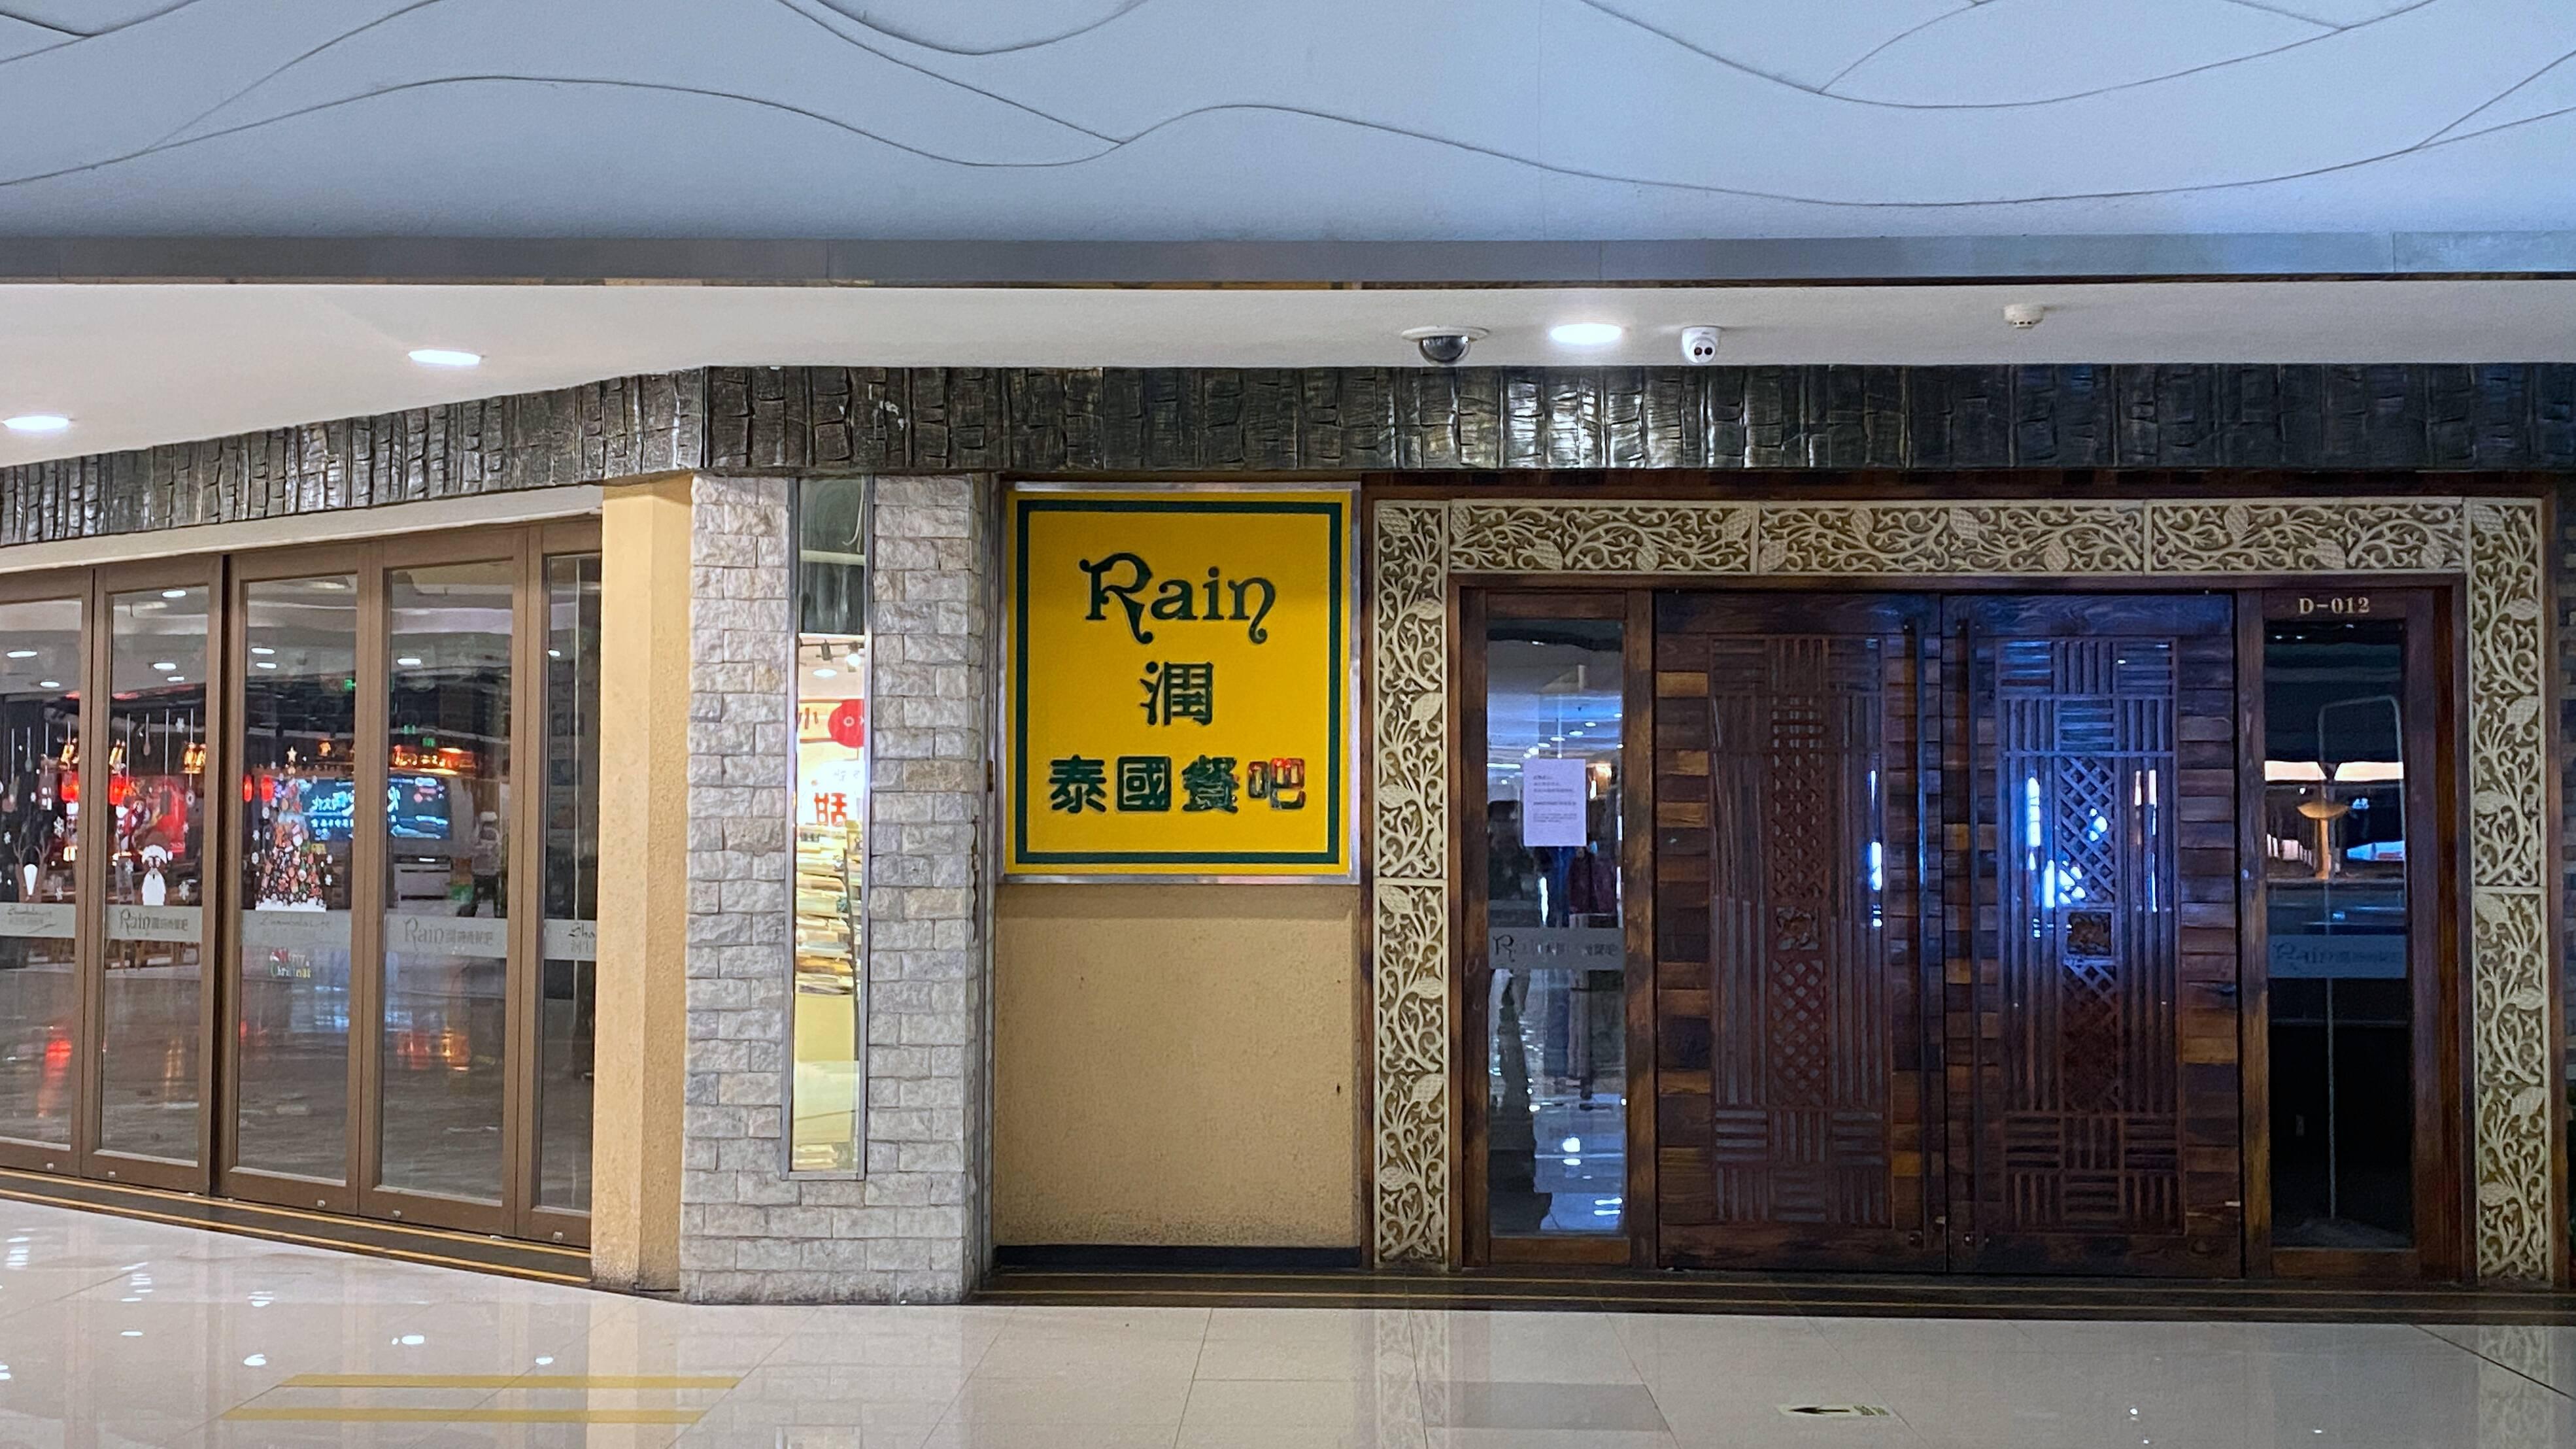 """济南老牌泰餐连锁""""Rain润""""暂停营业 客服:充值卡可到其他店消费或登记退款"""